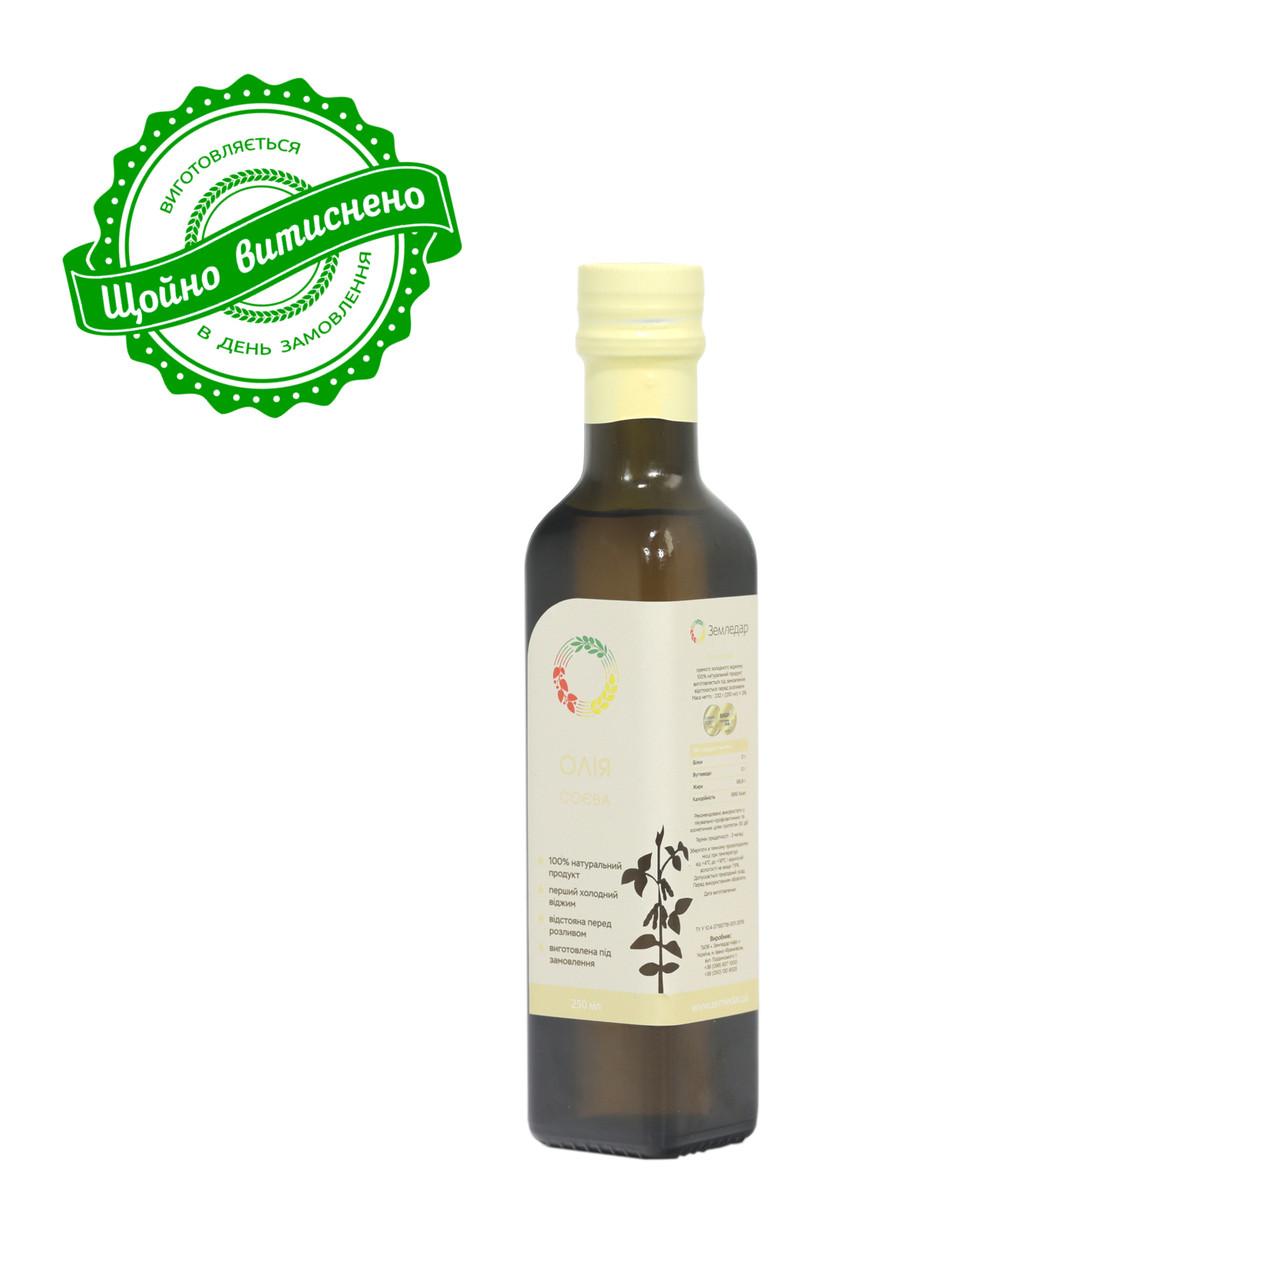 Соевое масло 0,25 л сертифицированное без ГМО сыродавленное холодного отжима